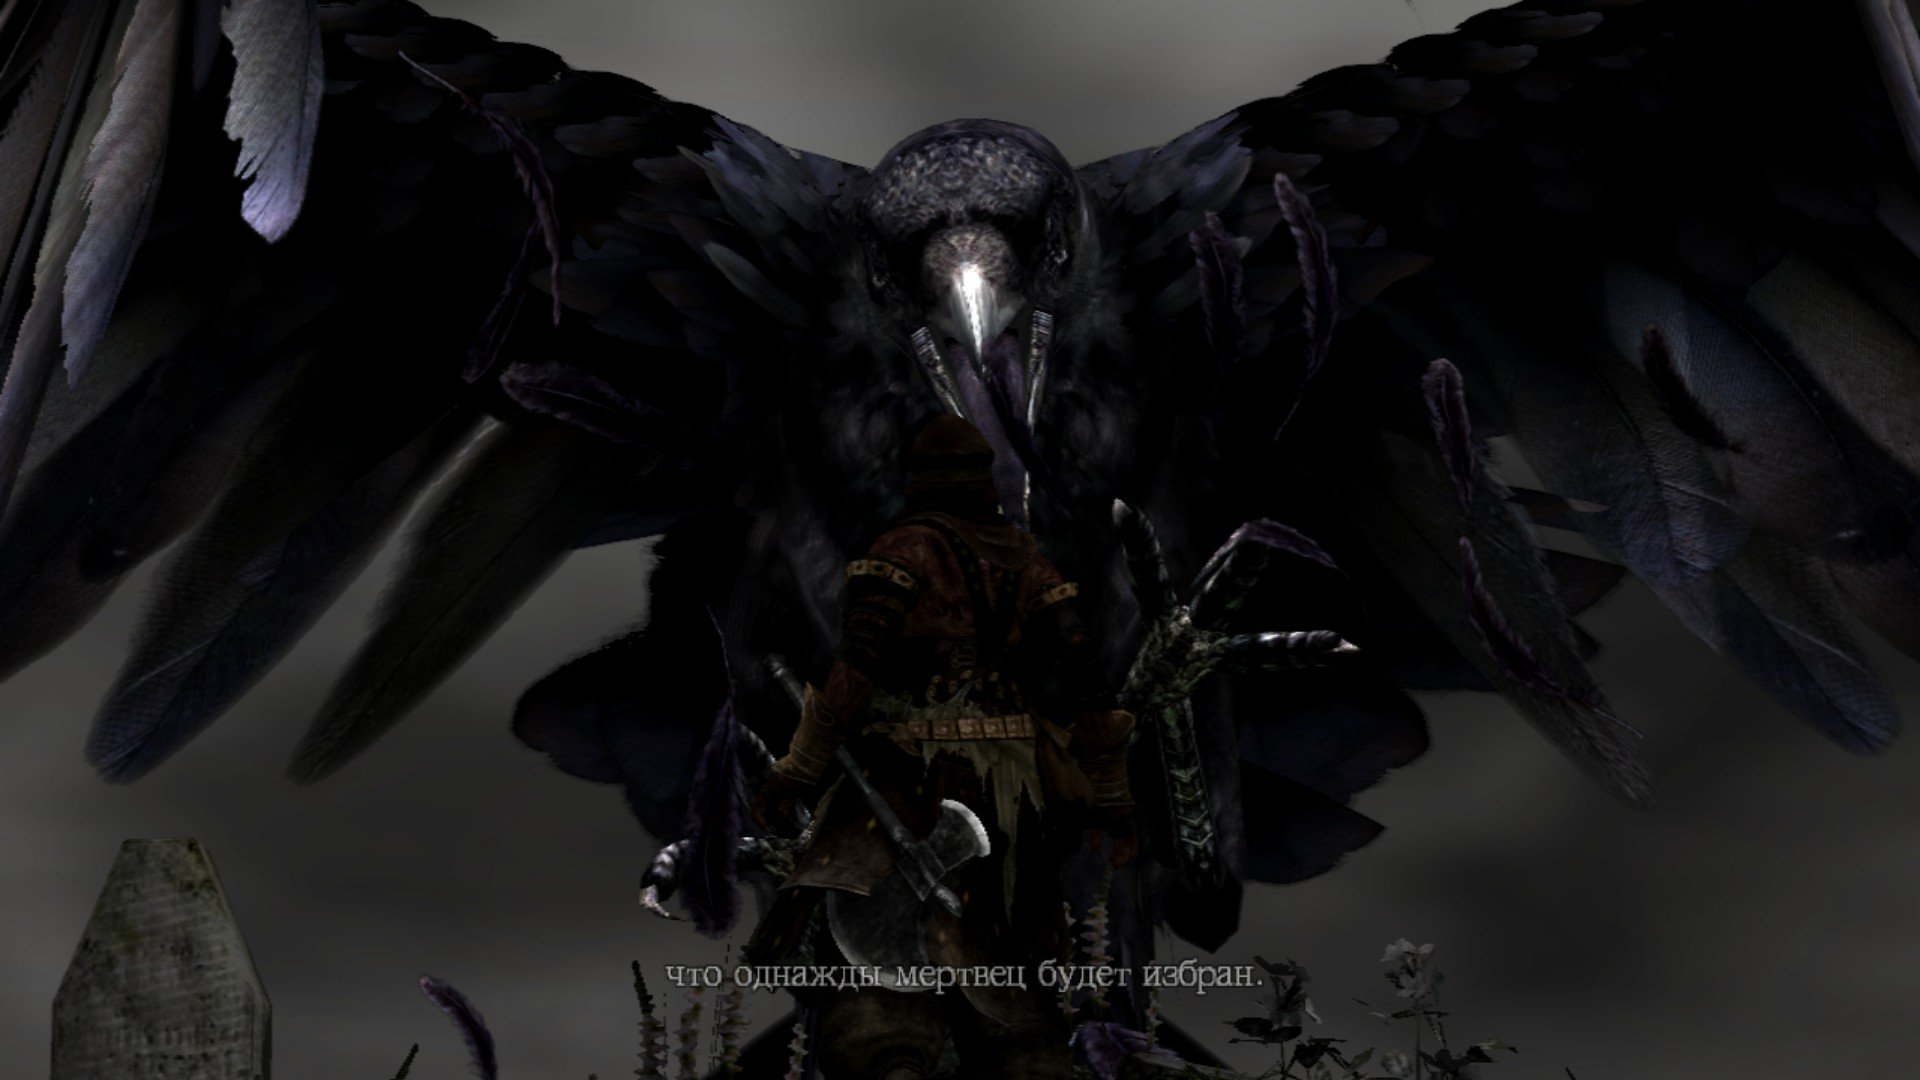 Вопль-прохождение Dark Souls часть 1 (ЗАПИСЬ) ... еще не решил, как это называть! - Изображение 5